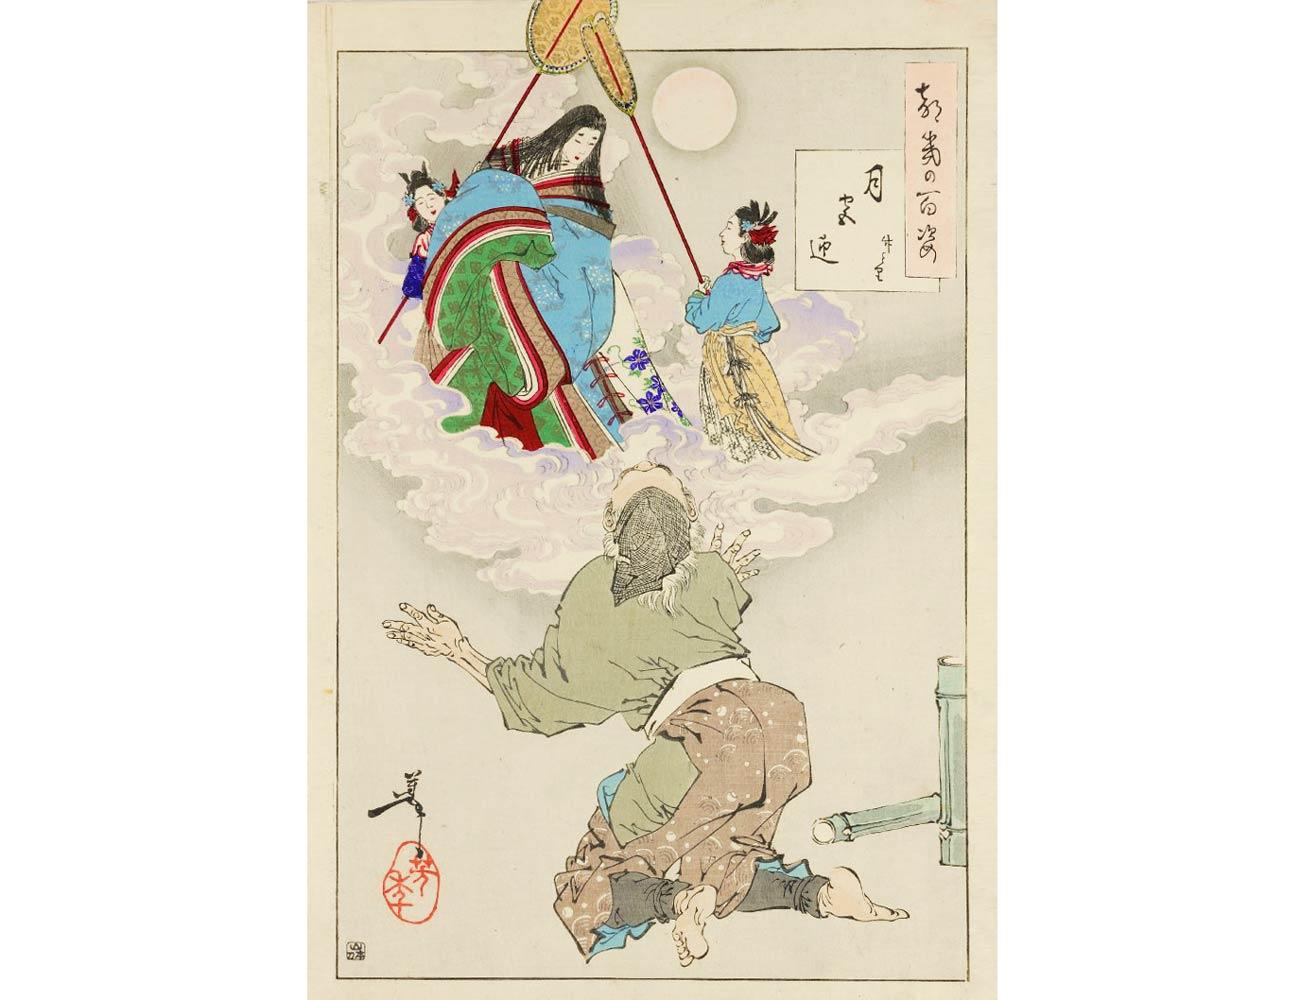 Princess Kaguya, Woodblock Print by Tsukioka Yoshitoshi, 1888